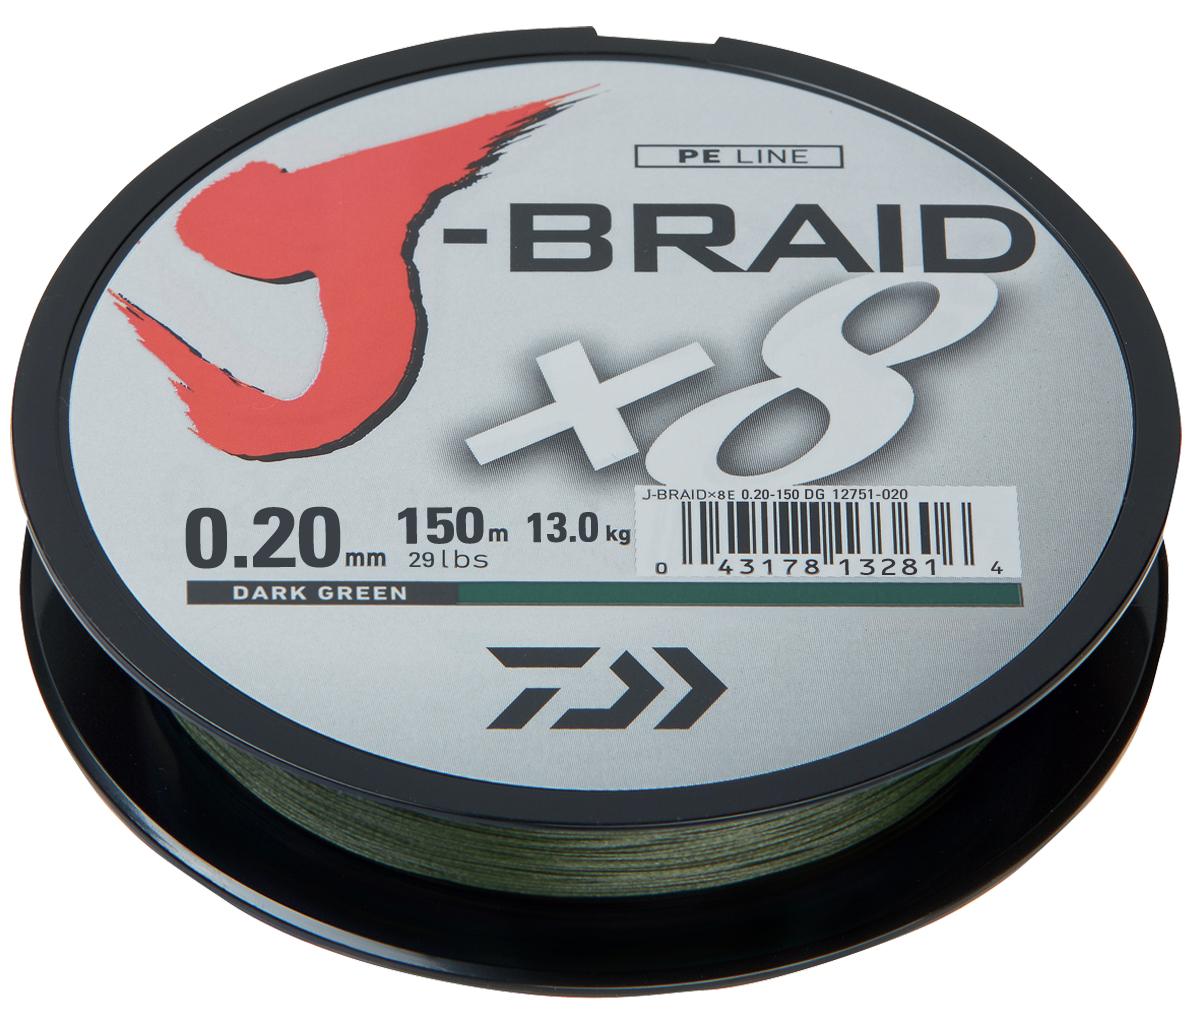 Фото - Шнур плетеный Daiwa J-Braid X8, цвет: зеленый, 150 м, 0,20 мм шнур плетеный daiwa j braid x8 цвет мультиколор 150 м 0 16 мм